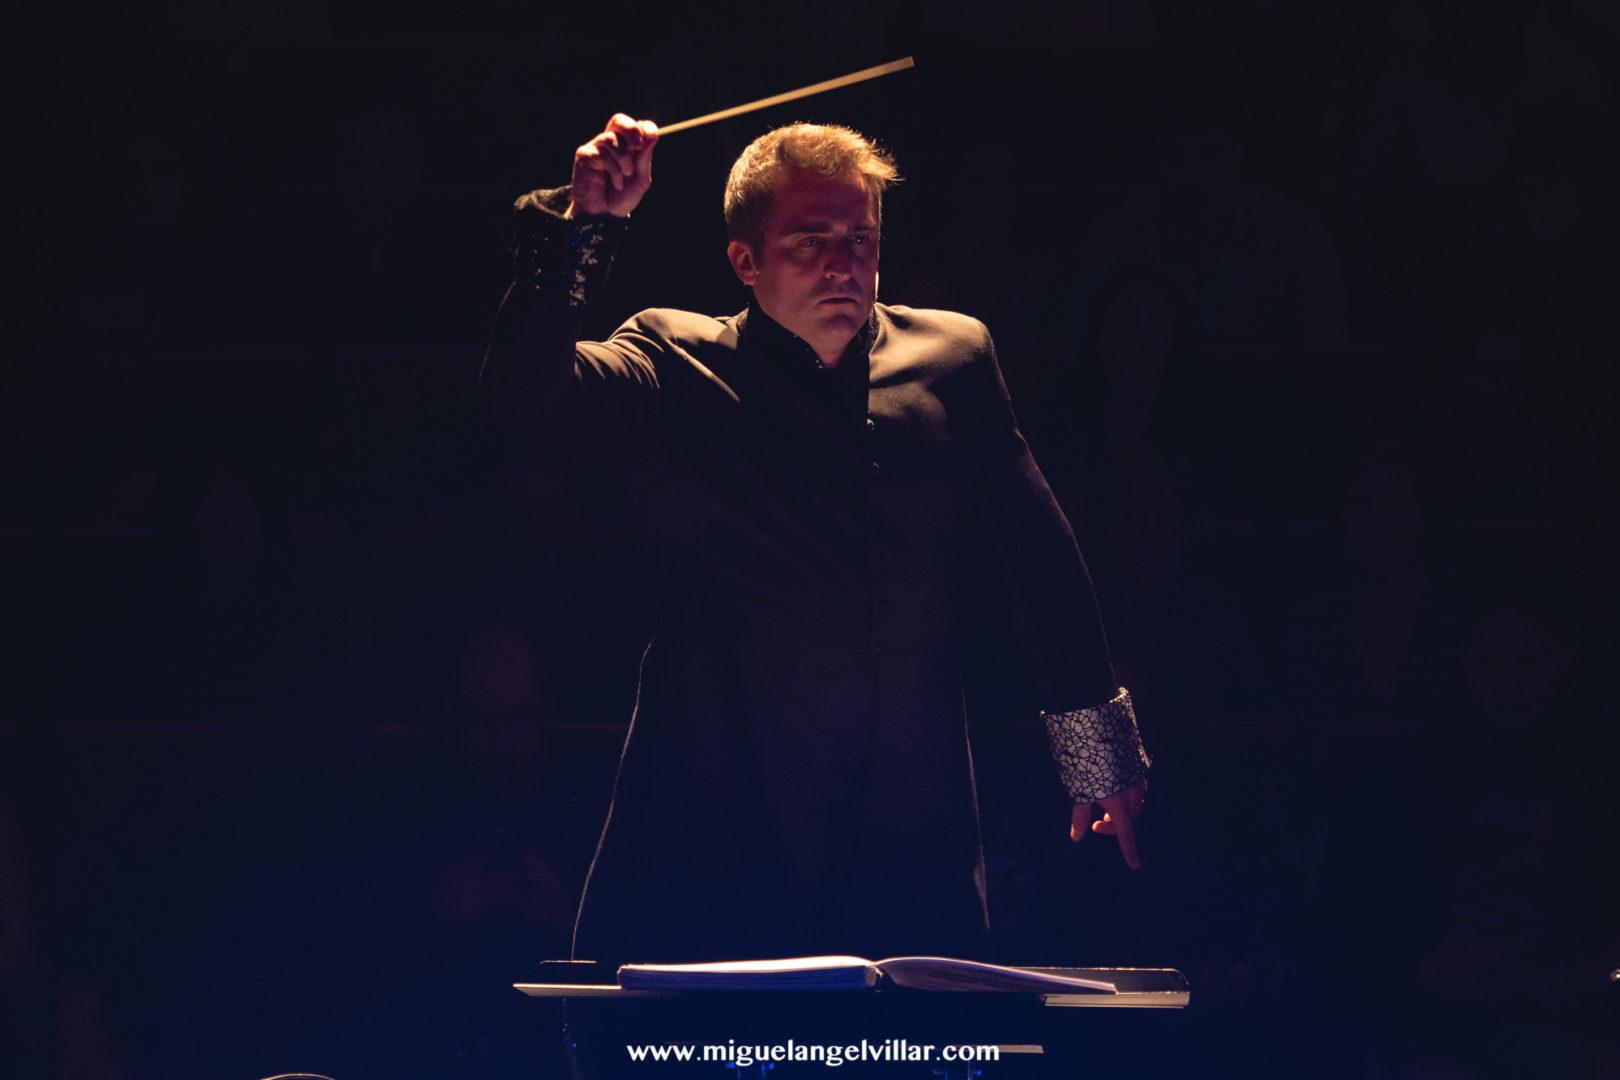 Film Symphony Orchestra - Auditorio de Torrevieja 2018